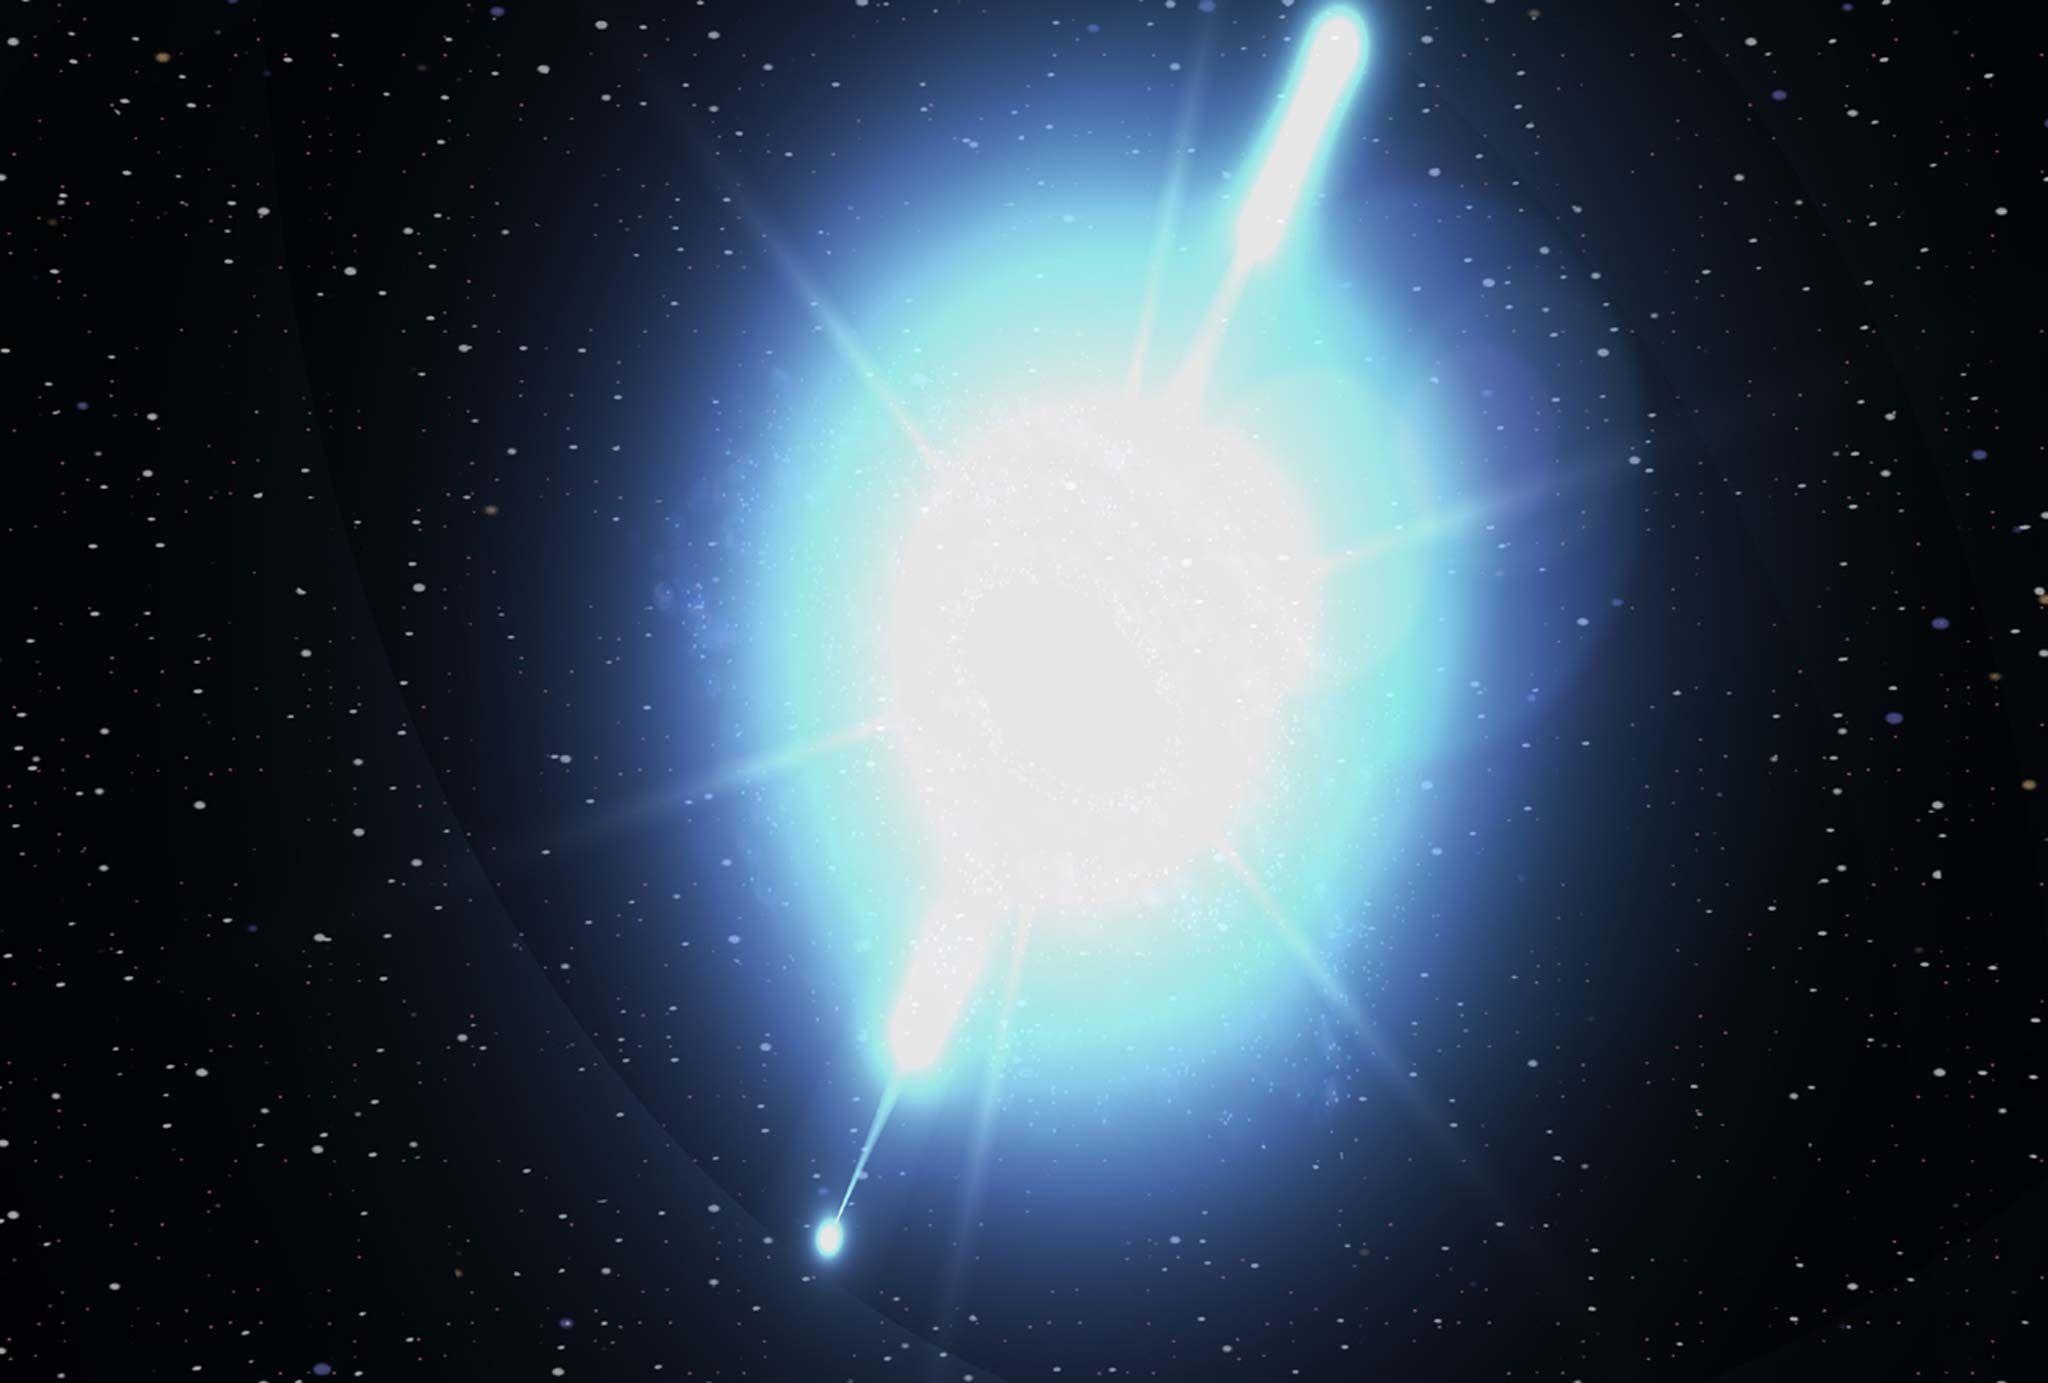 Rayons gamma: la chose la plus puissante de l'univers pourrait expliquer pourquoi nous sommes seuls dans l'univers (et l'une des 5 grandes extinctions de masse de la Terre)